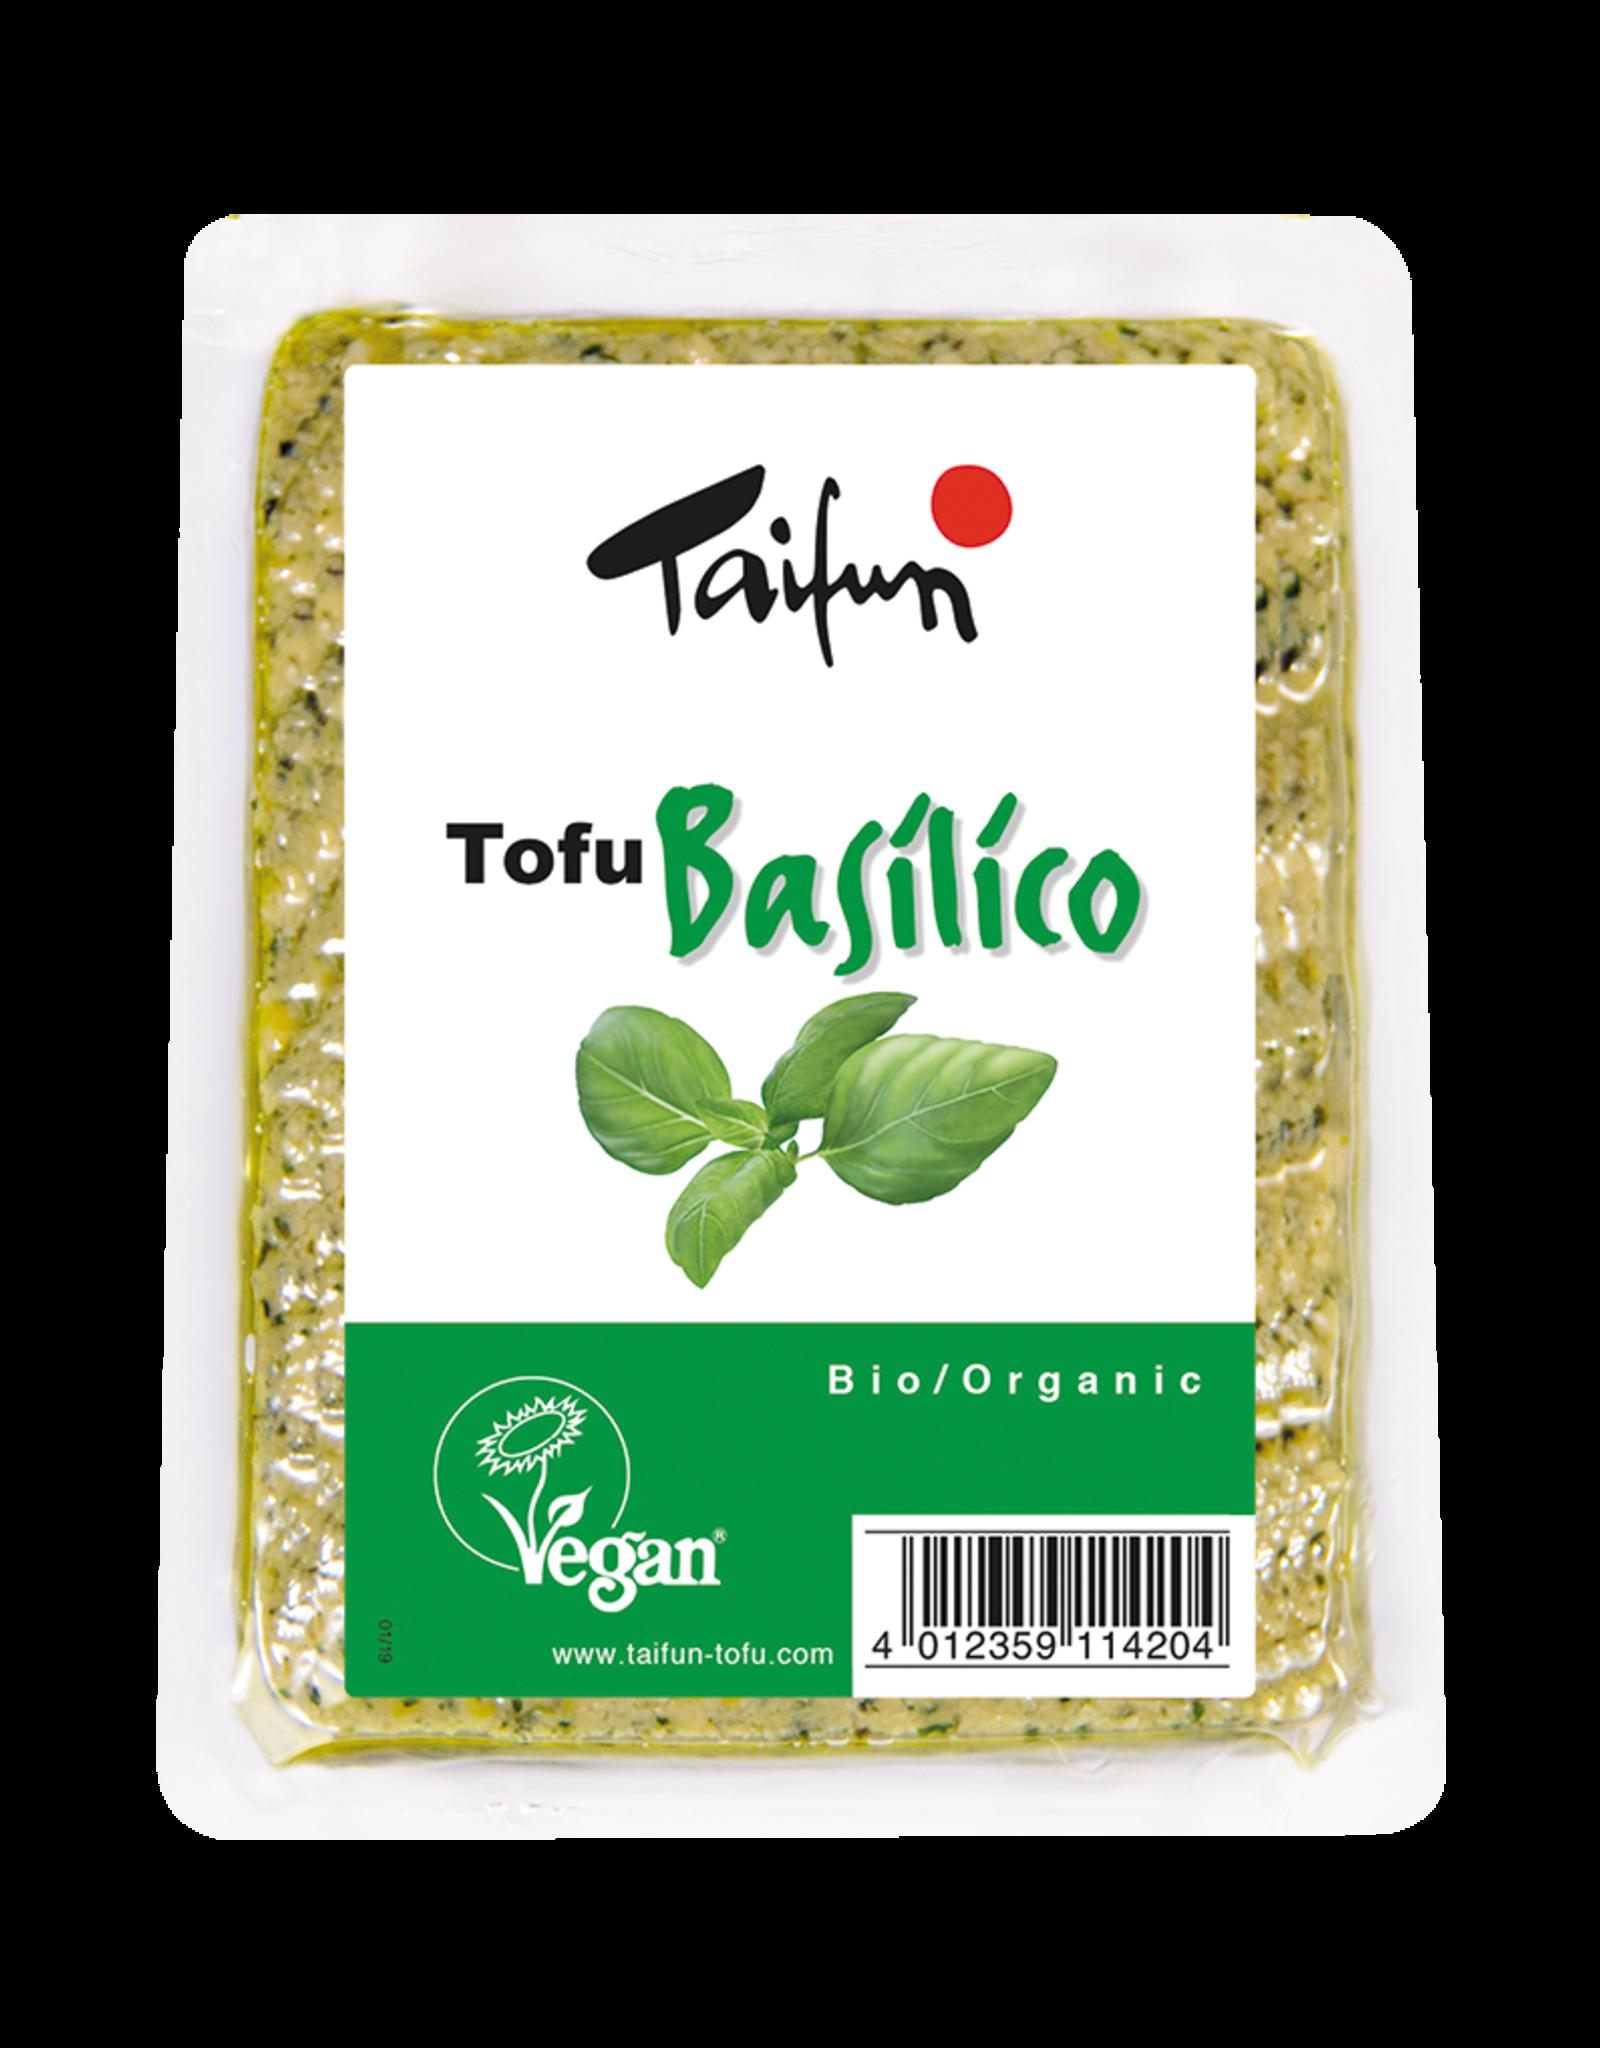 TAIFUN TOFU BASILICO, BIO, 200g